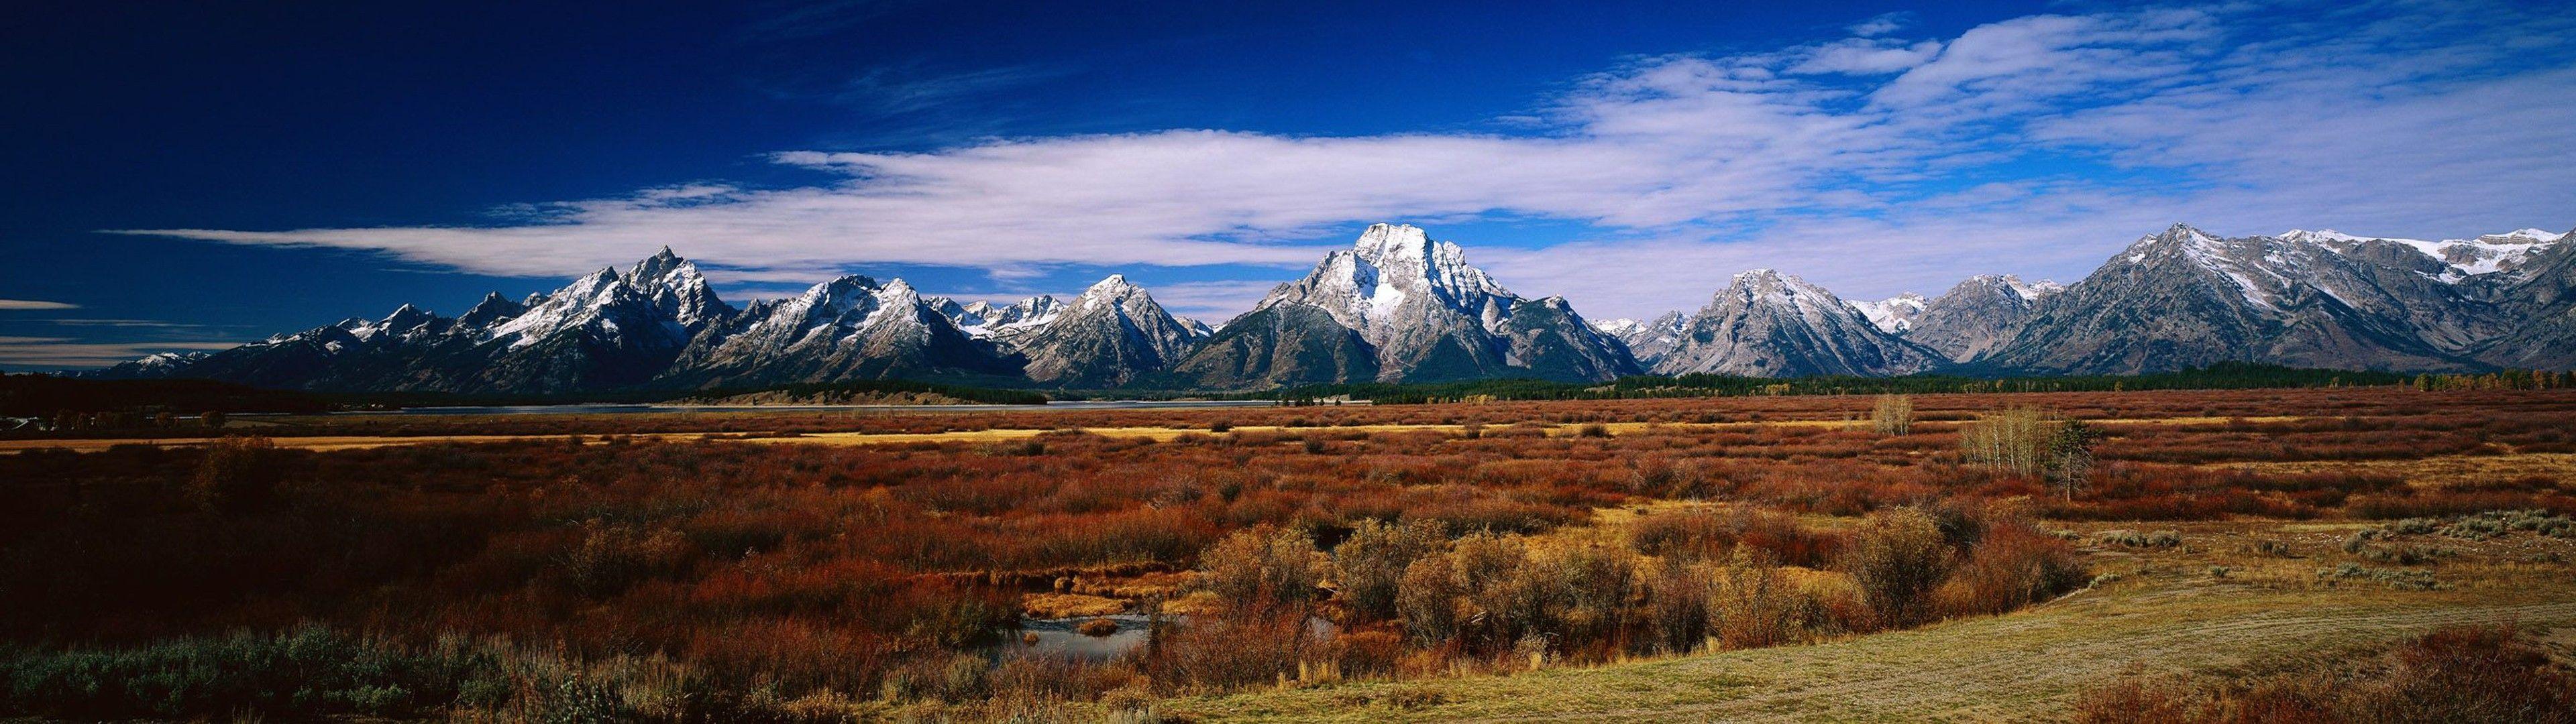 nature, landscape, mountains, sky wallpaper Dual